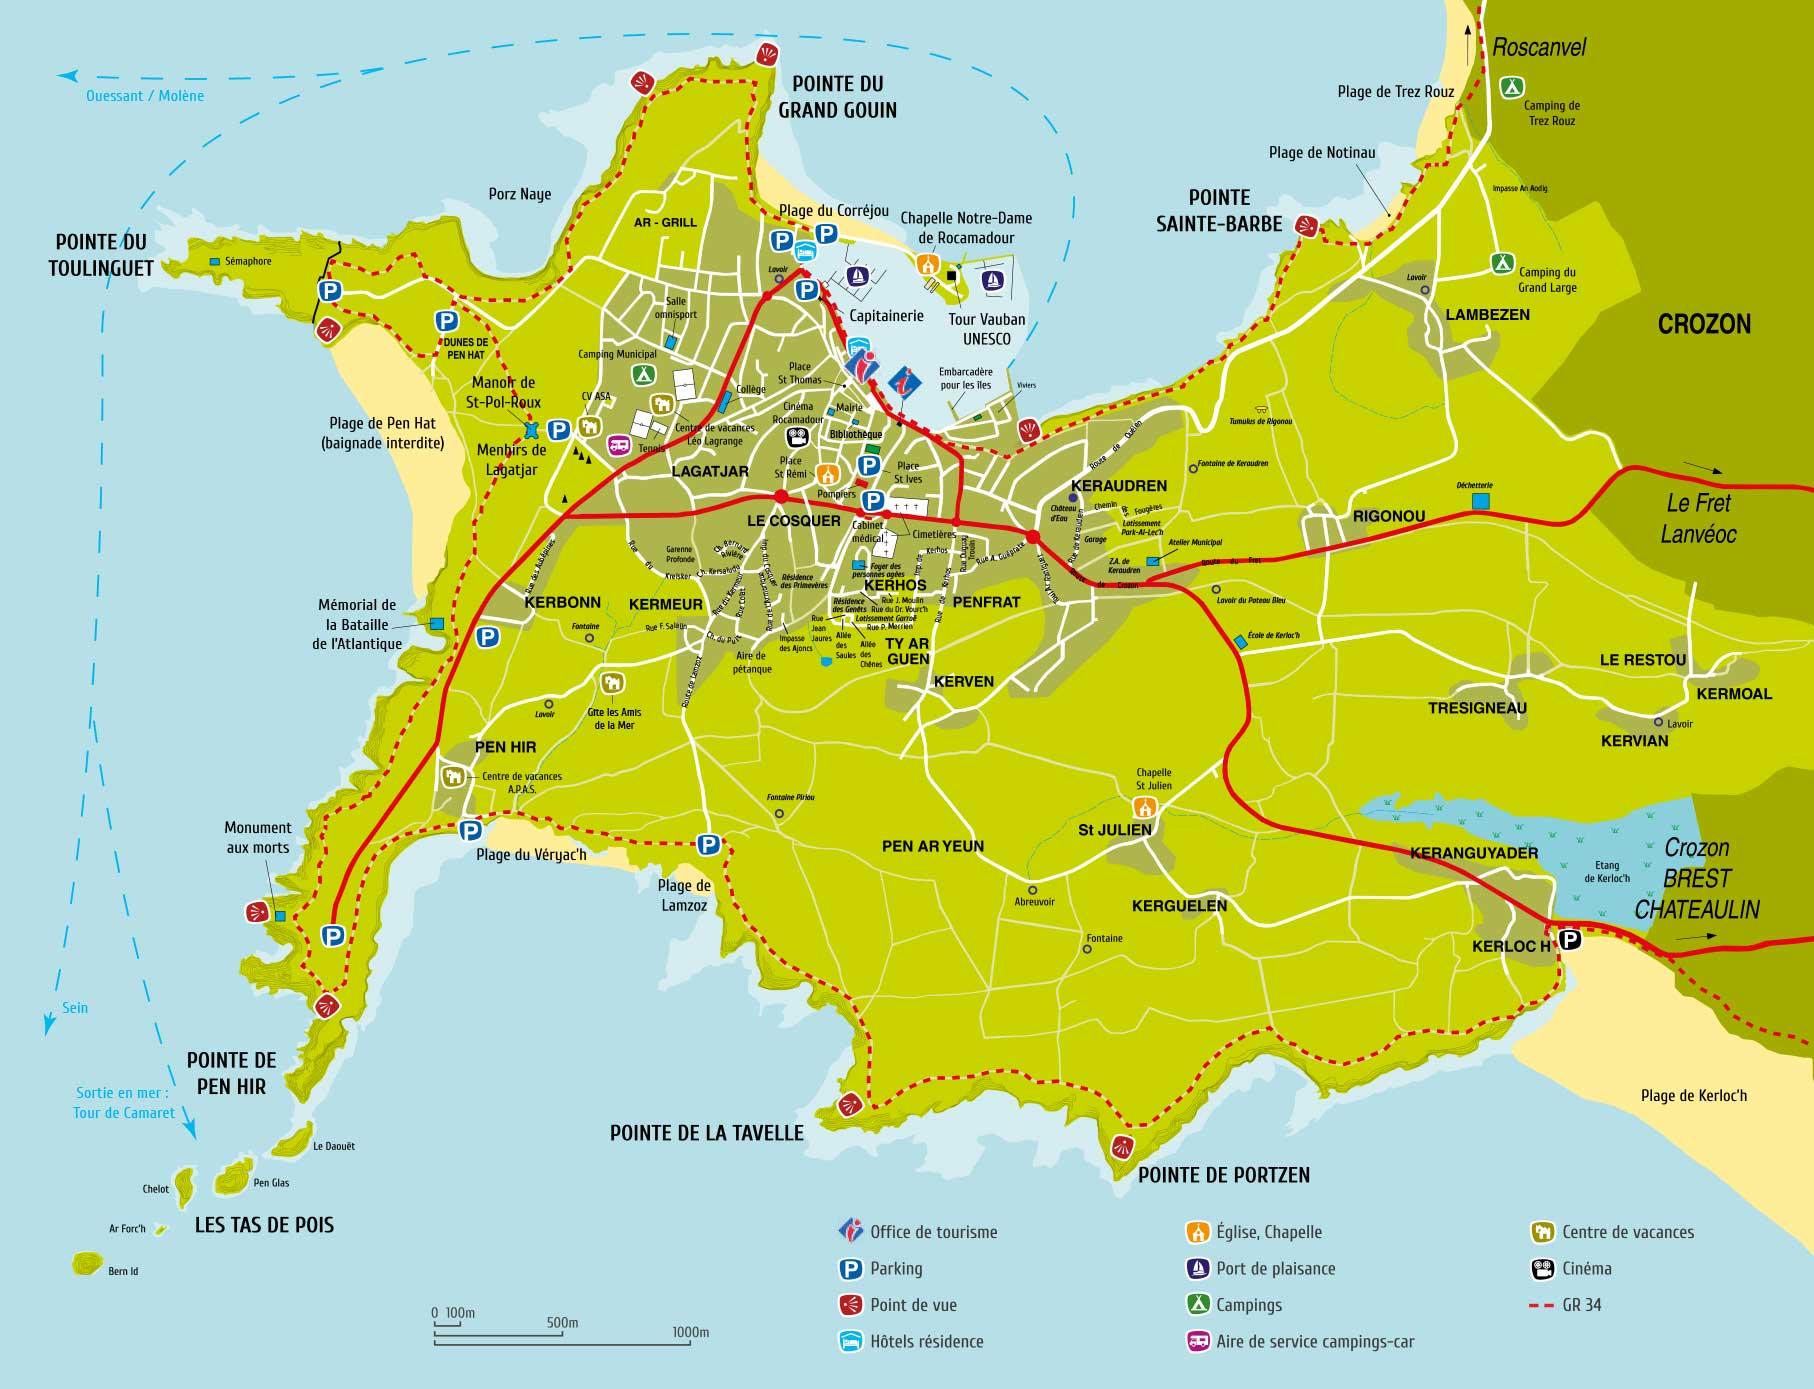 Camaret sur mer vacances arts guides voyages - Office du tourisme de camaret sur mer ...